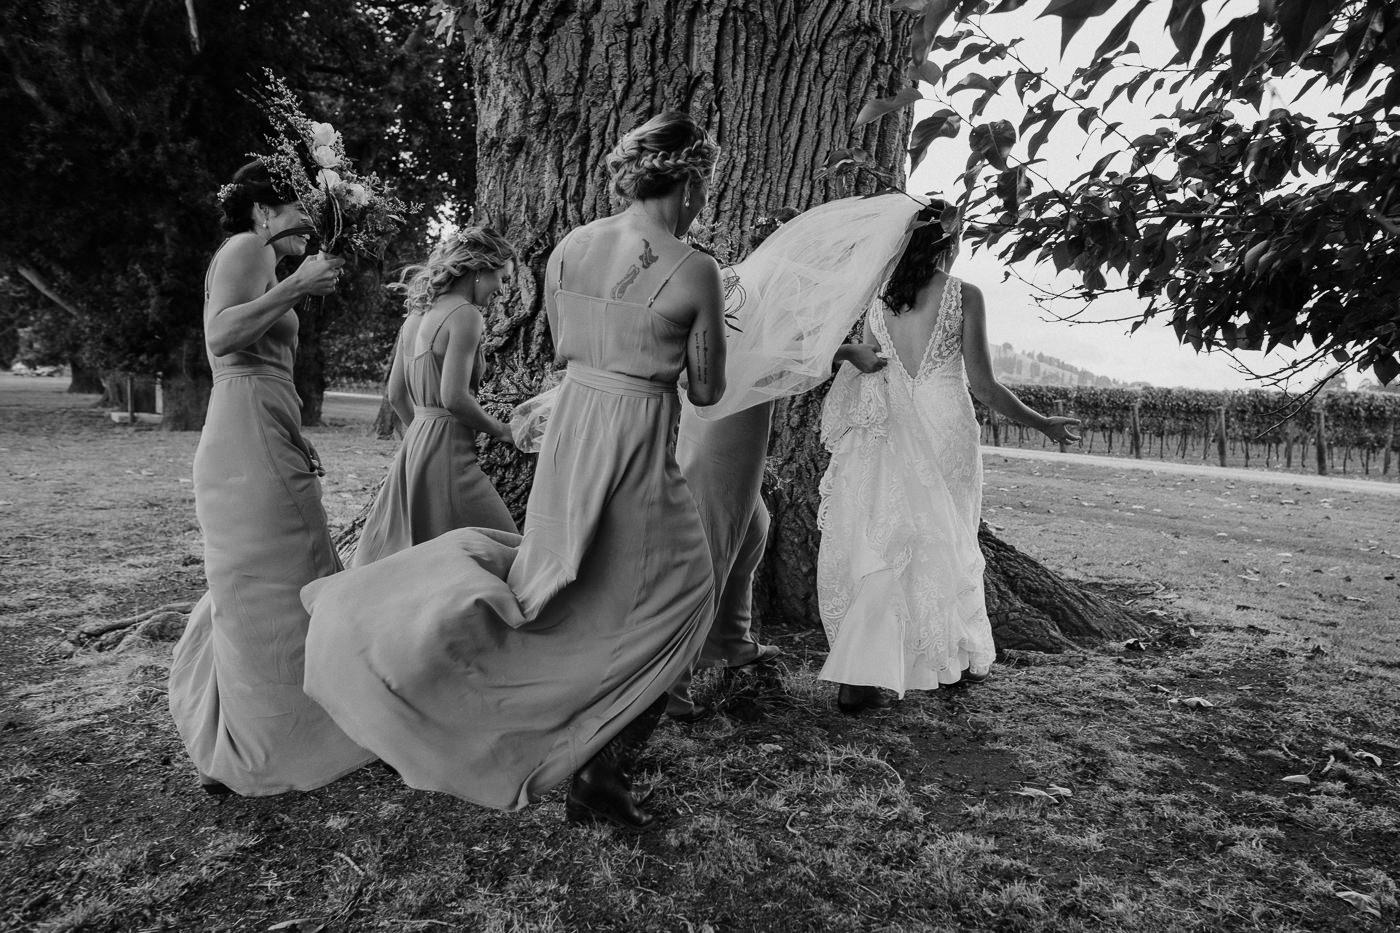 nz_wedding_photographer_gisborne-1044.jpg